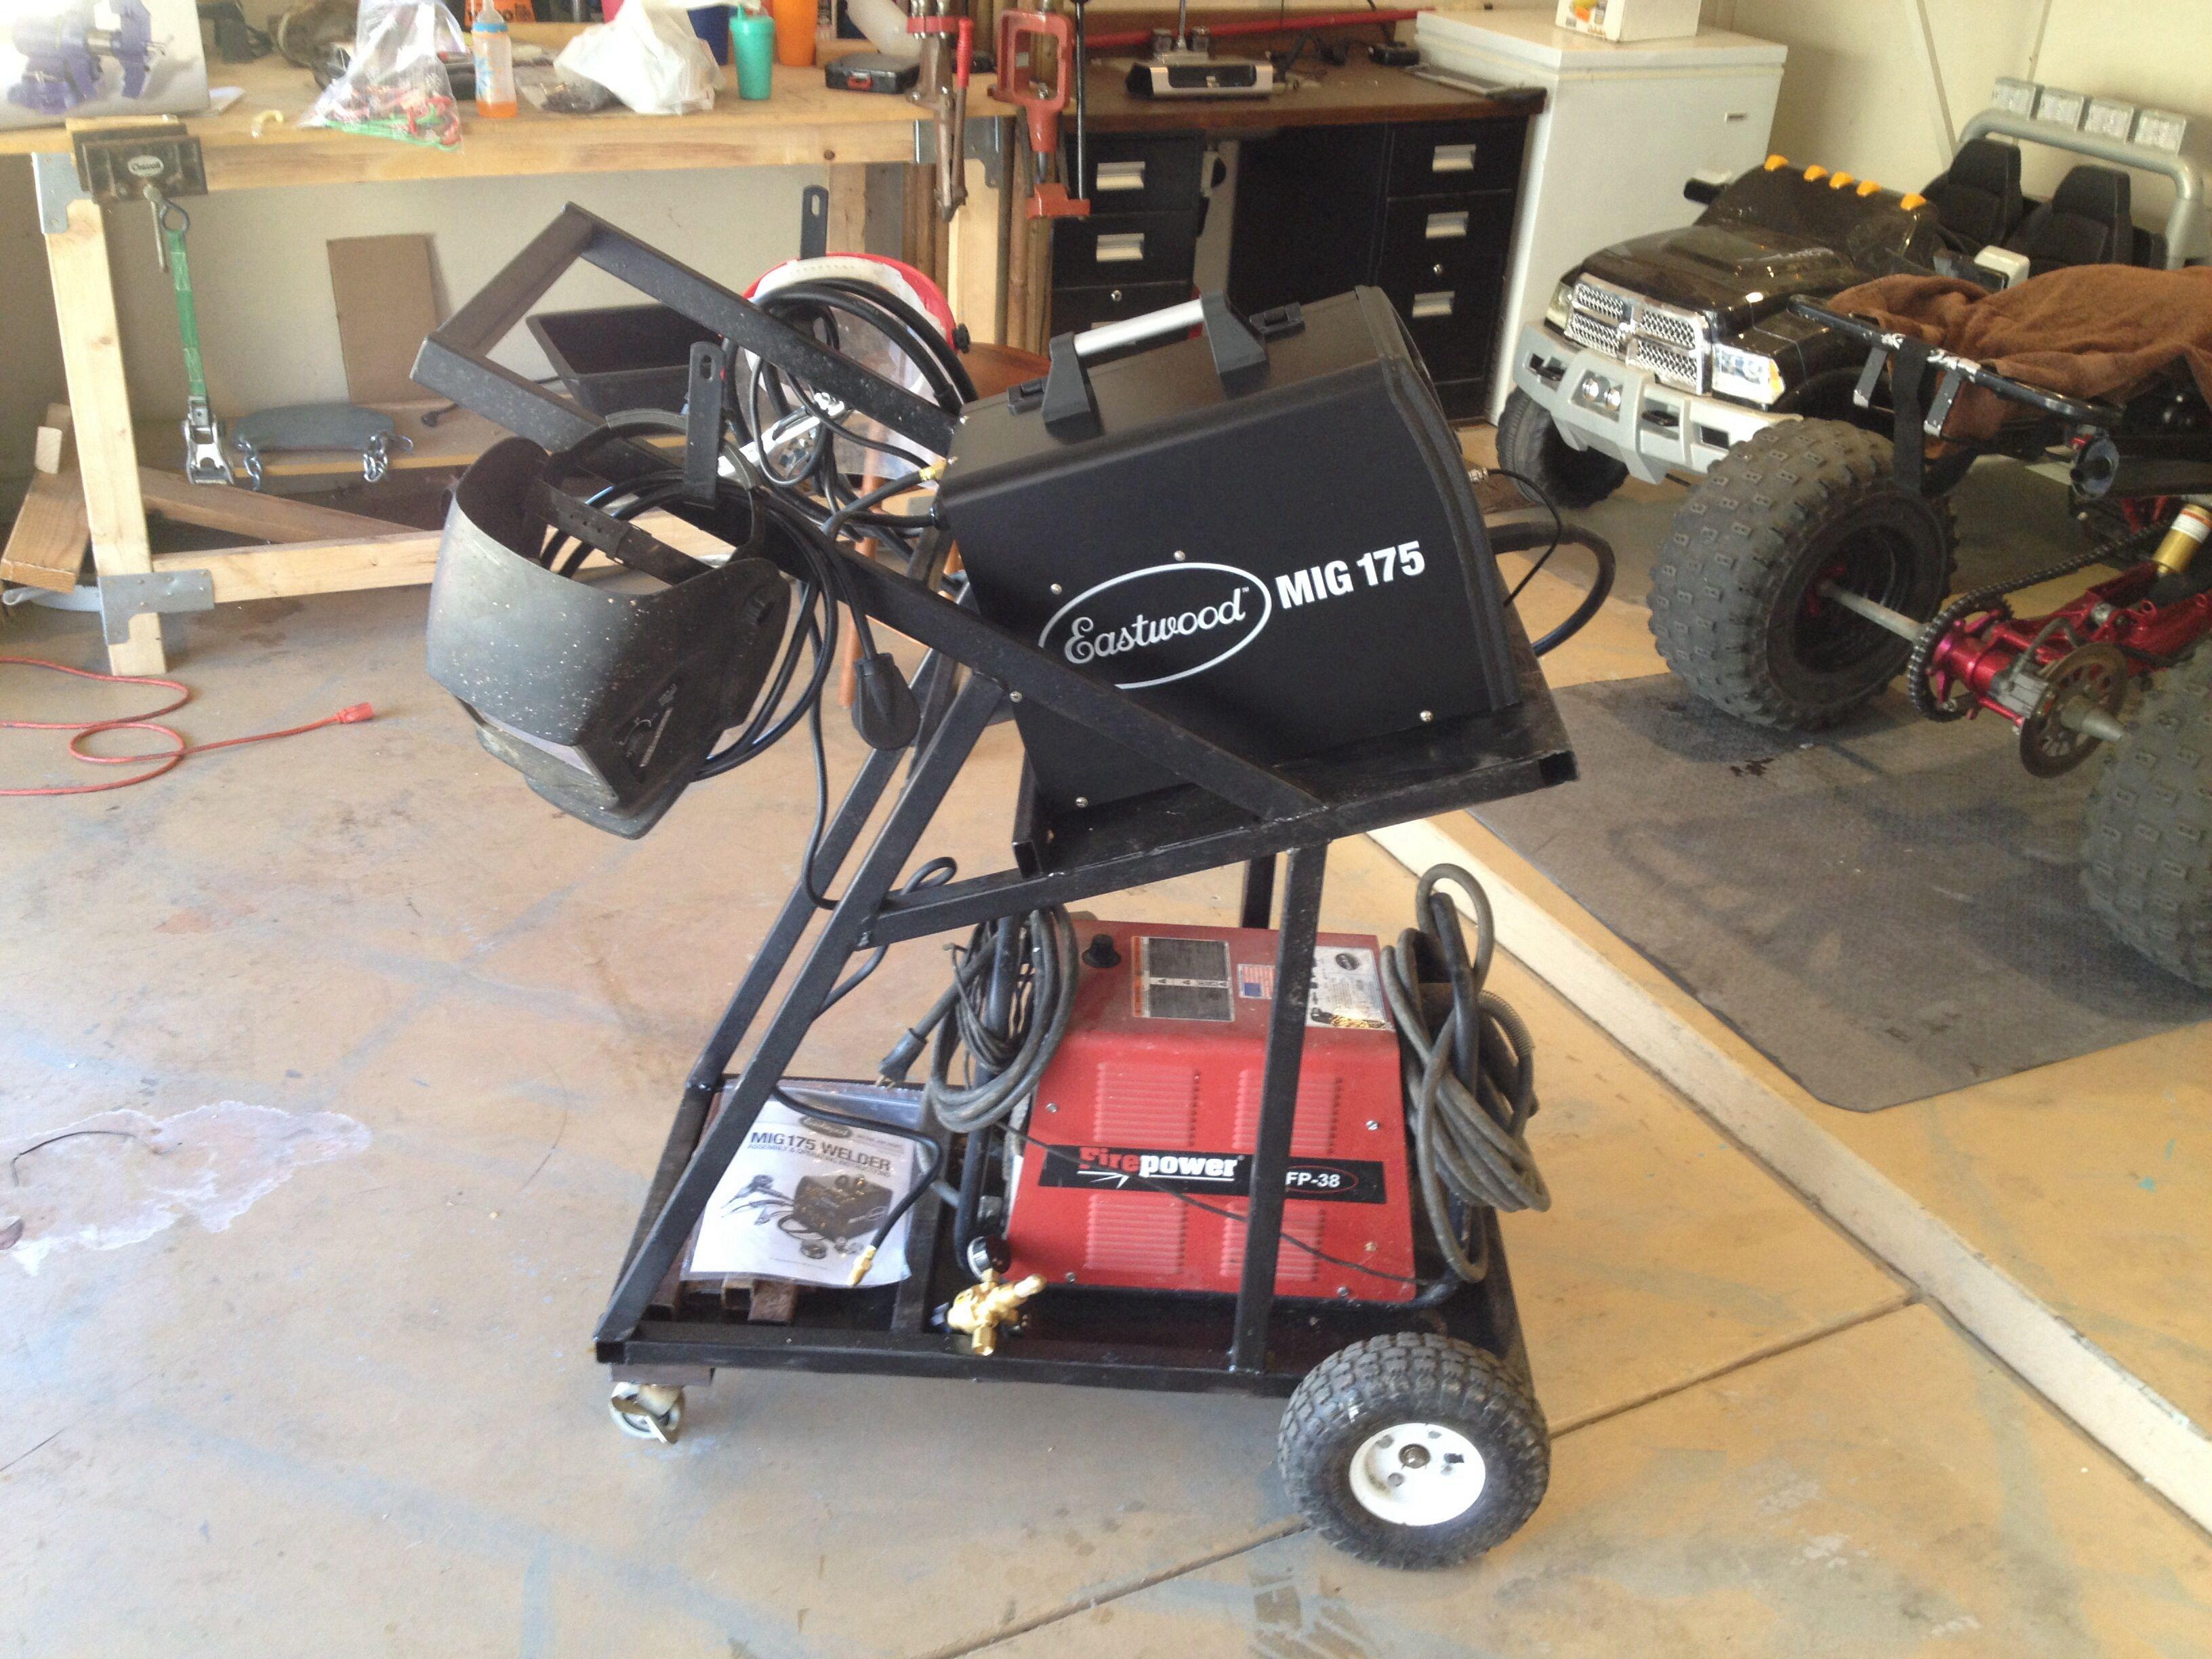 Homemade Welder/plasma cutter cart